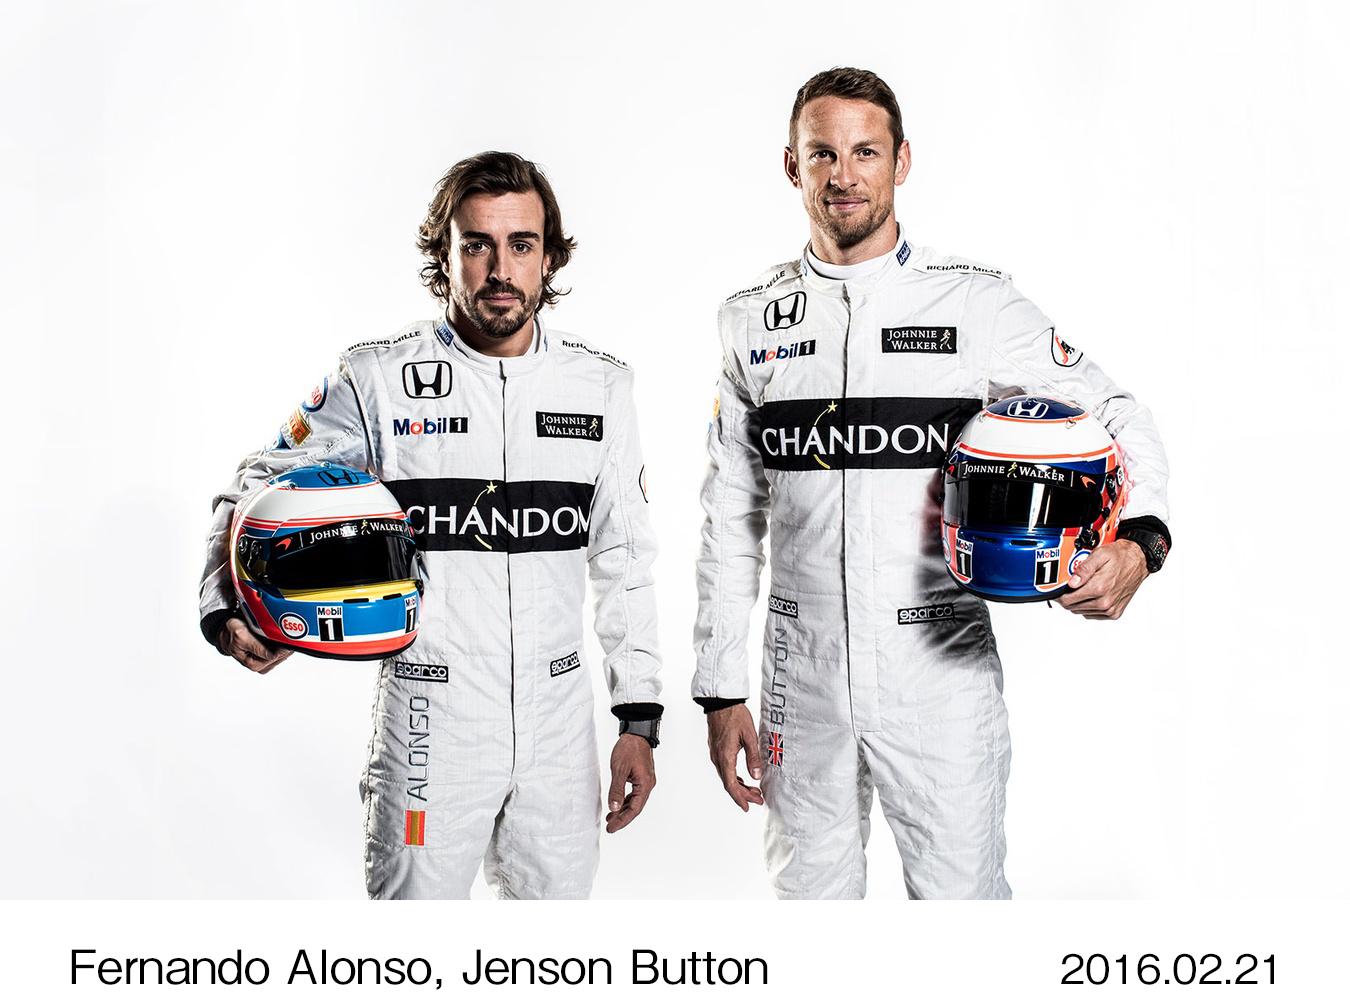 c160221 004H Η McLaren-Honda αποκάλυψε το νέο μονοθέσιο, την MP4-31 Formula 1, McLaren-Honda, McLaren-Honda MP4-31